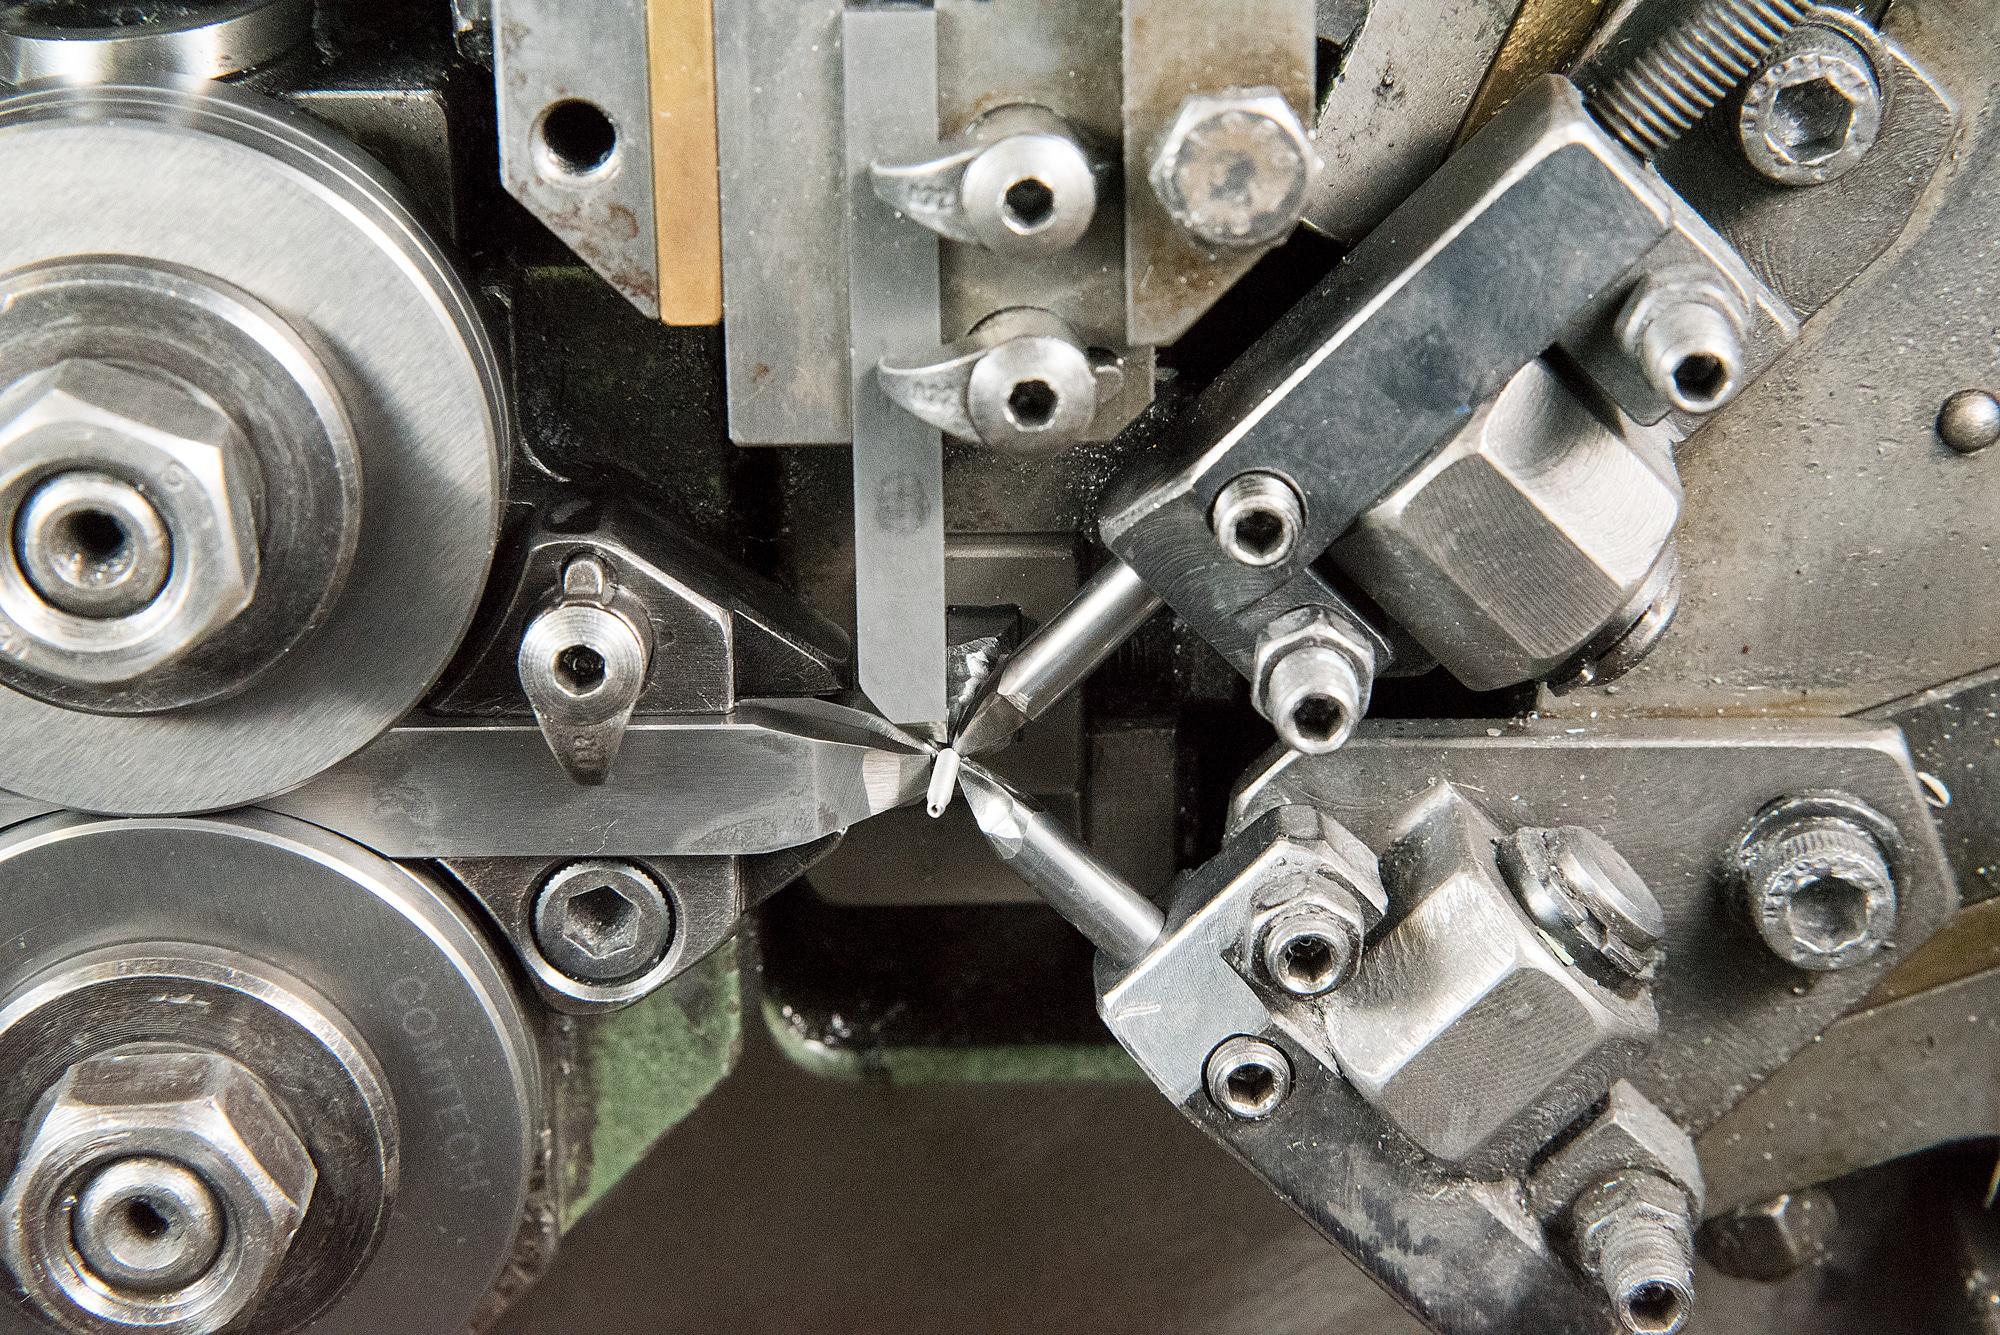 fabbrica-molle-industria-meccanica-mollificio-astigiano-belveglio-asti-italia